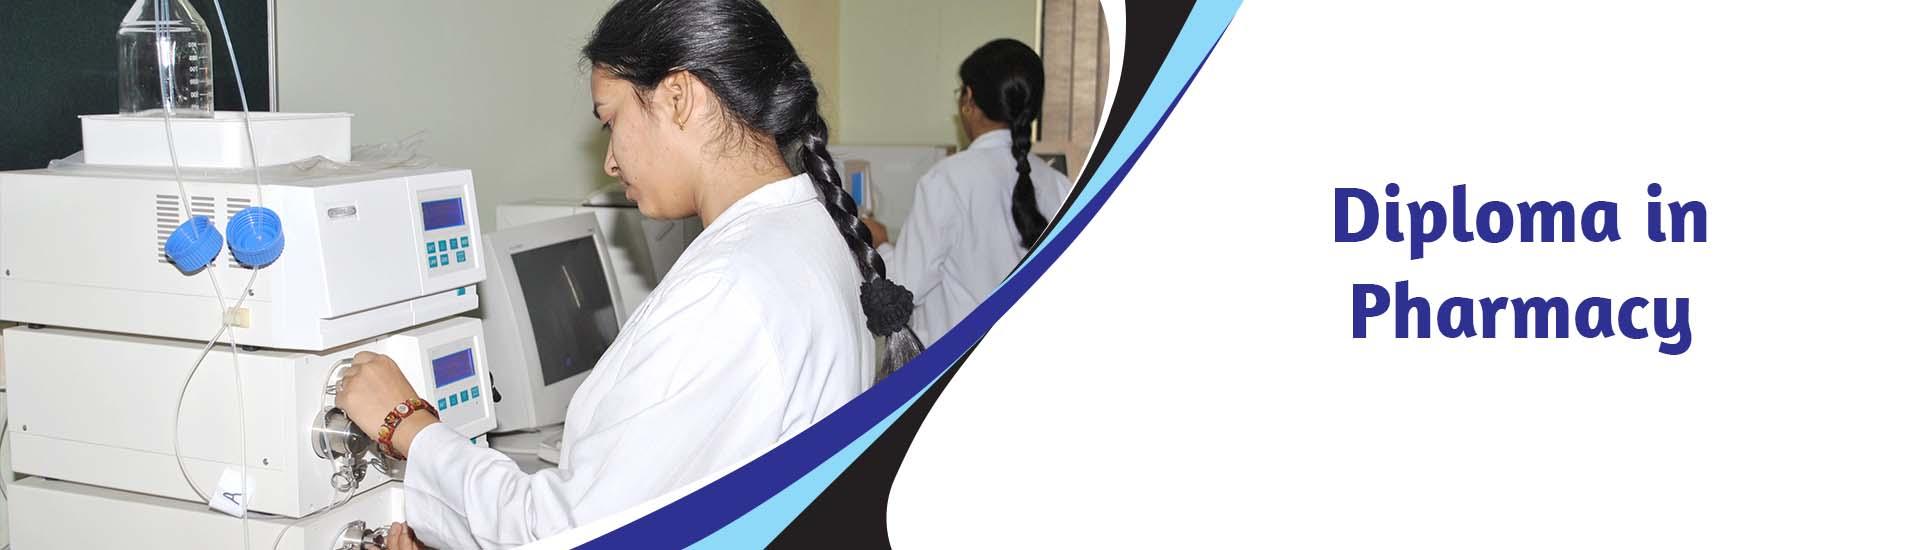 diploma-in-pharmacy